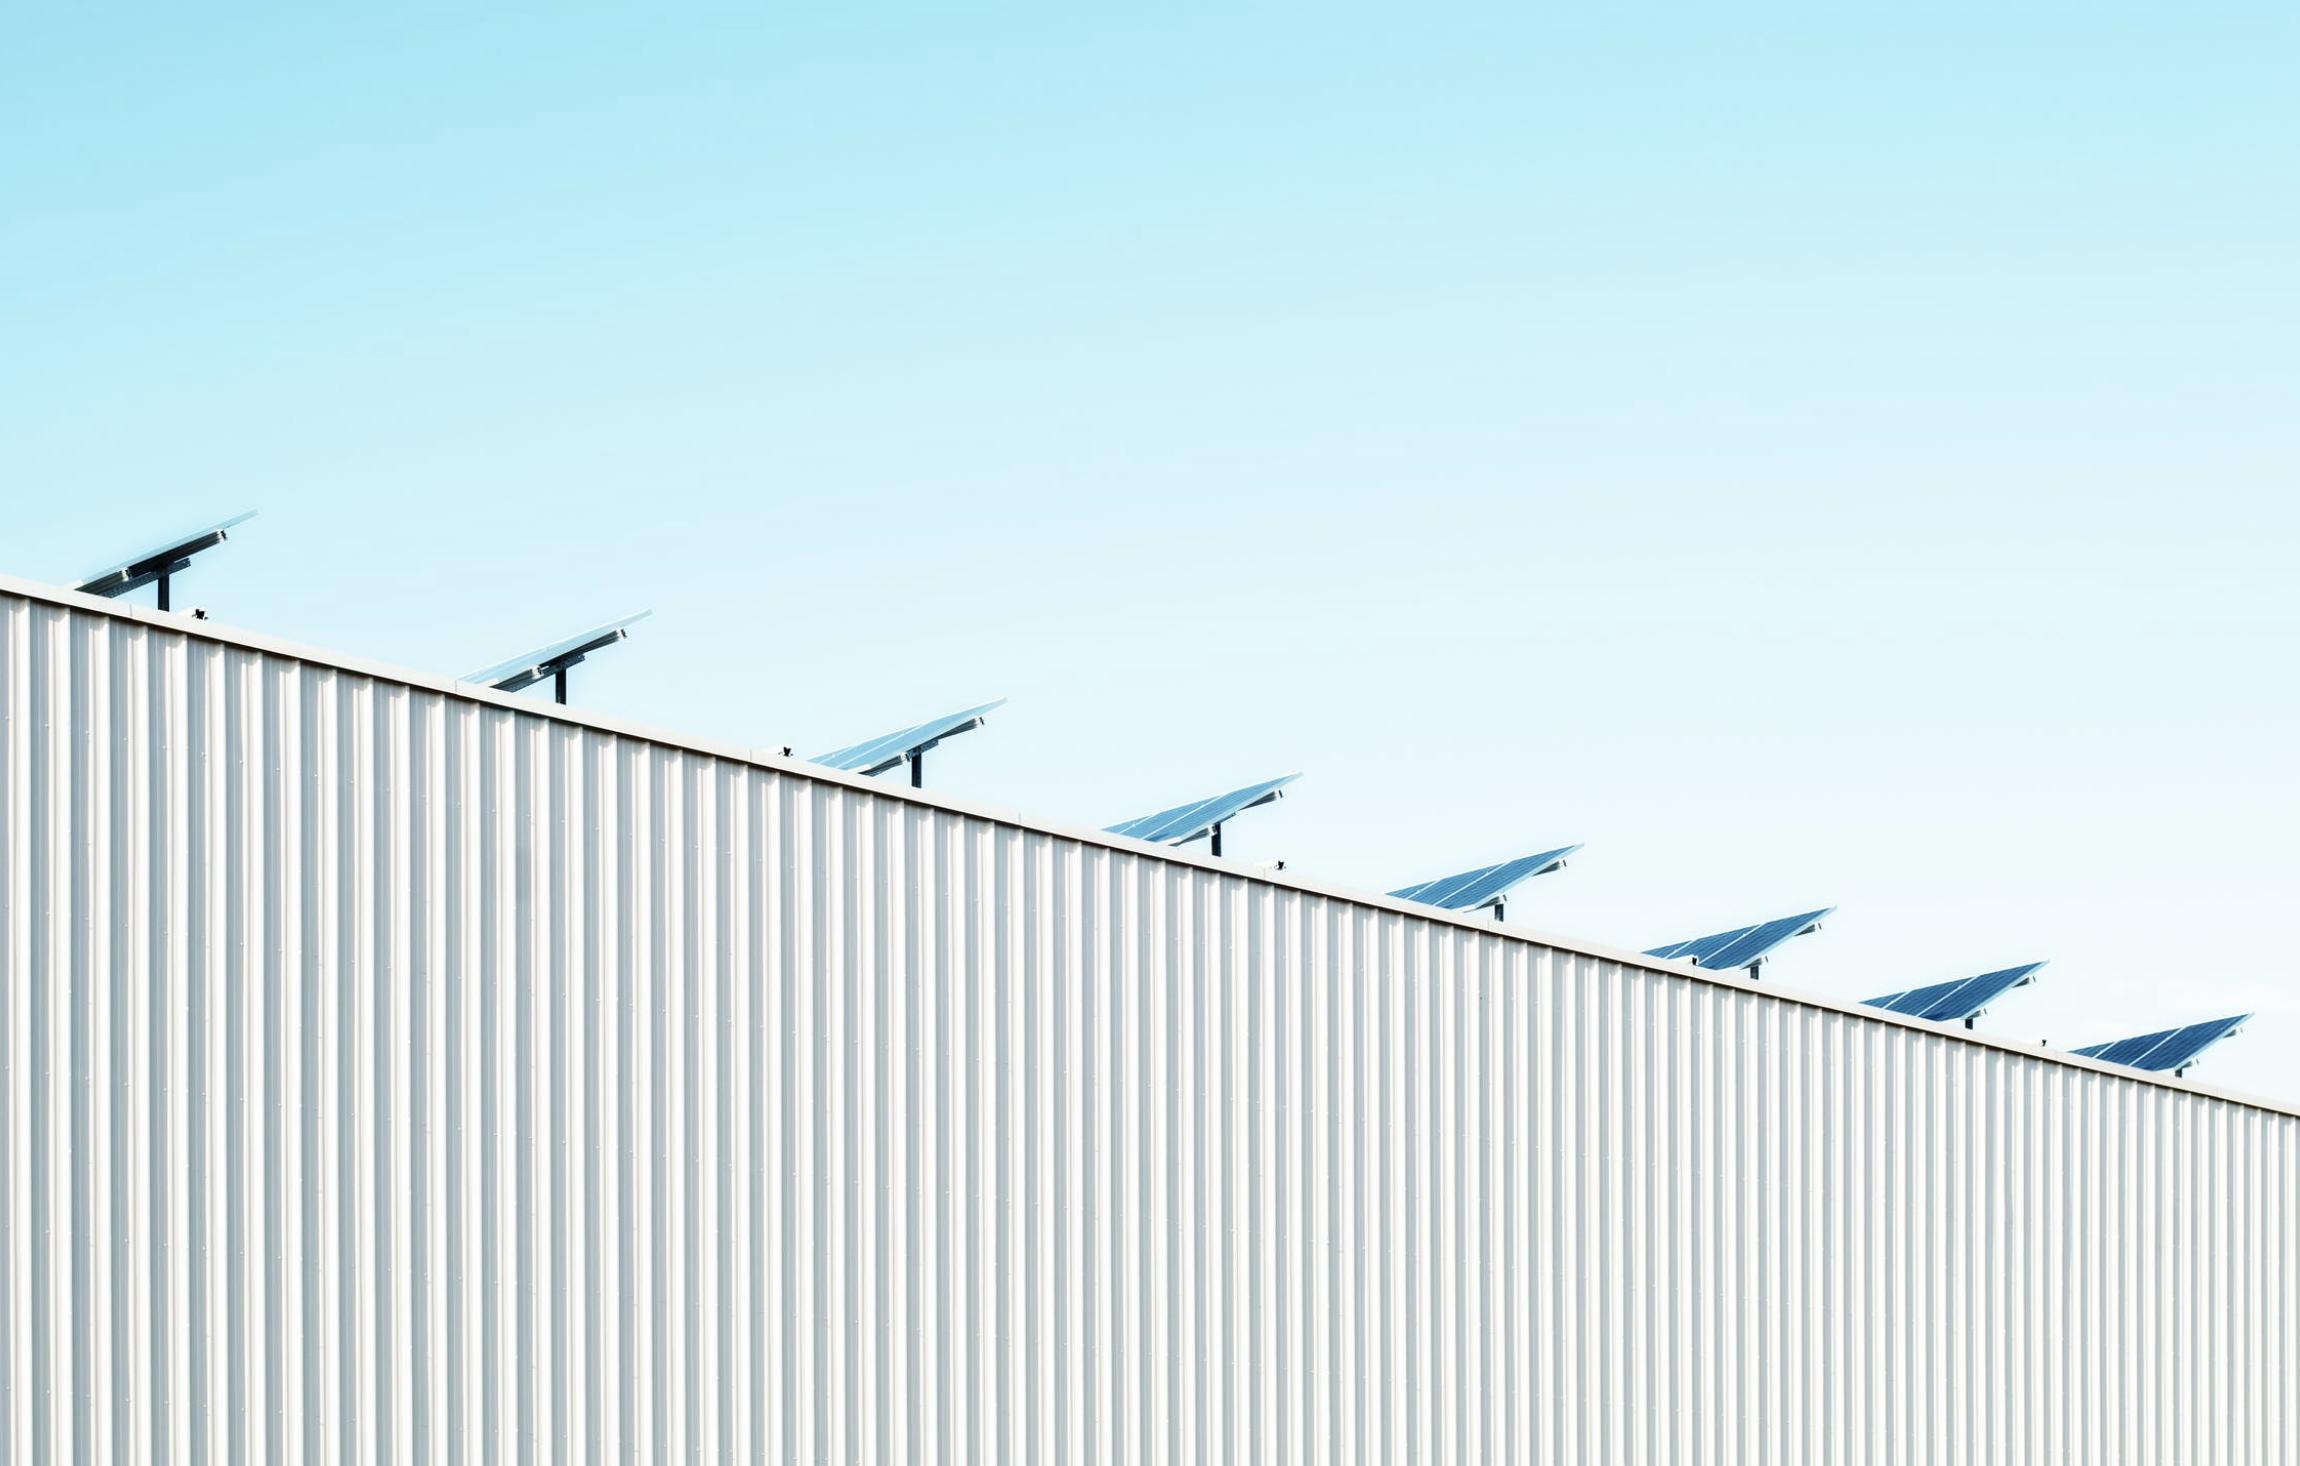 Die AUTTEC GmbH mit Sitz in Lustenau ist Spezialist für integrierte Gebäudelösungen. Das Unternehmen wird von den beiden Geschäftsführern Egon Unterbuchberger und Roland Alber geführt. Das eingespielte und flexible Team hat gemeinsam über 30 Jahre Erfahrung im bereich von Automatisierungstechnologie für Gebäude.